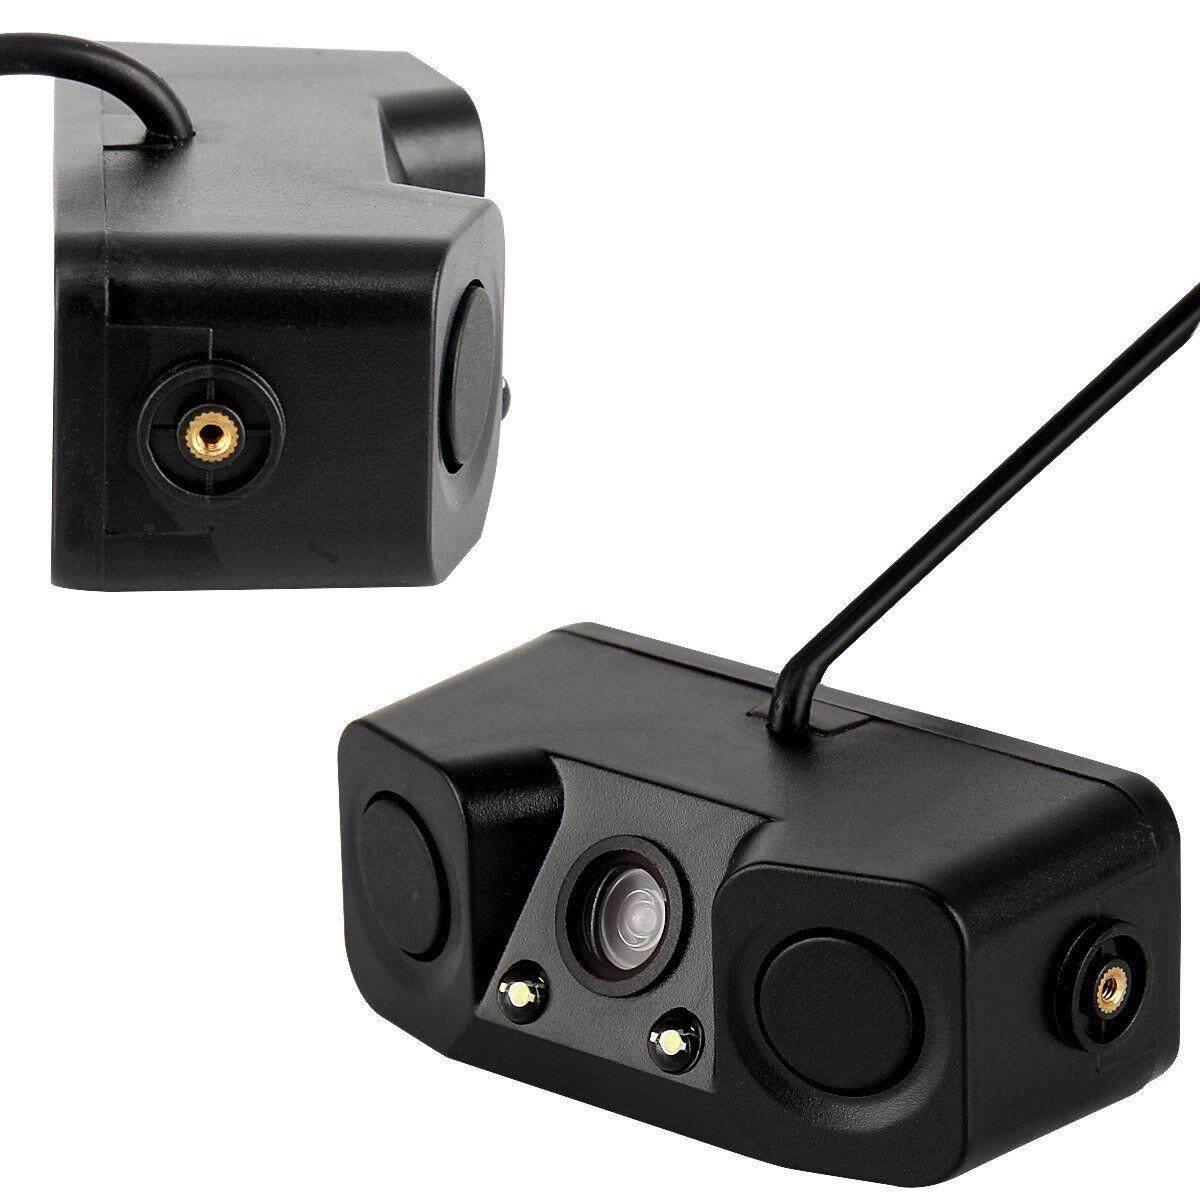 3 In 1 Tahan Air Mobil Sensor Parkir Backup Detektor Radar Mundur Belakang 170 ° Kamera By Hhhappy Store.